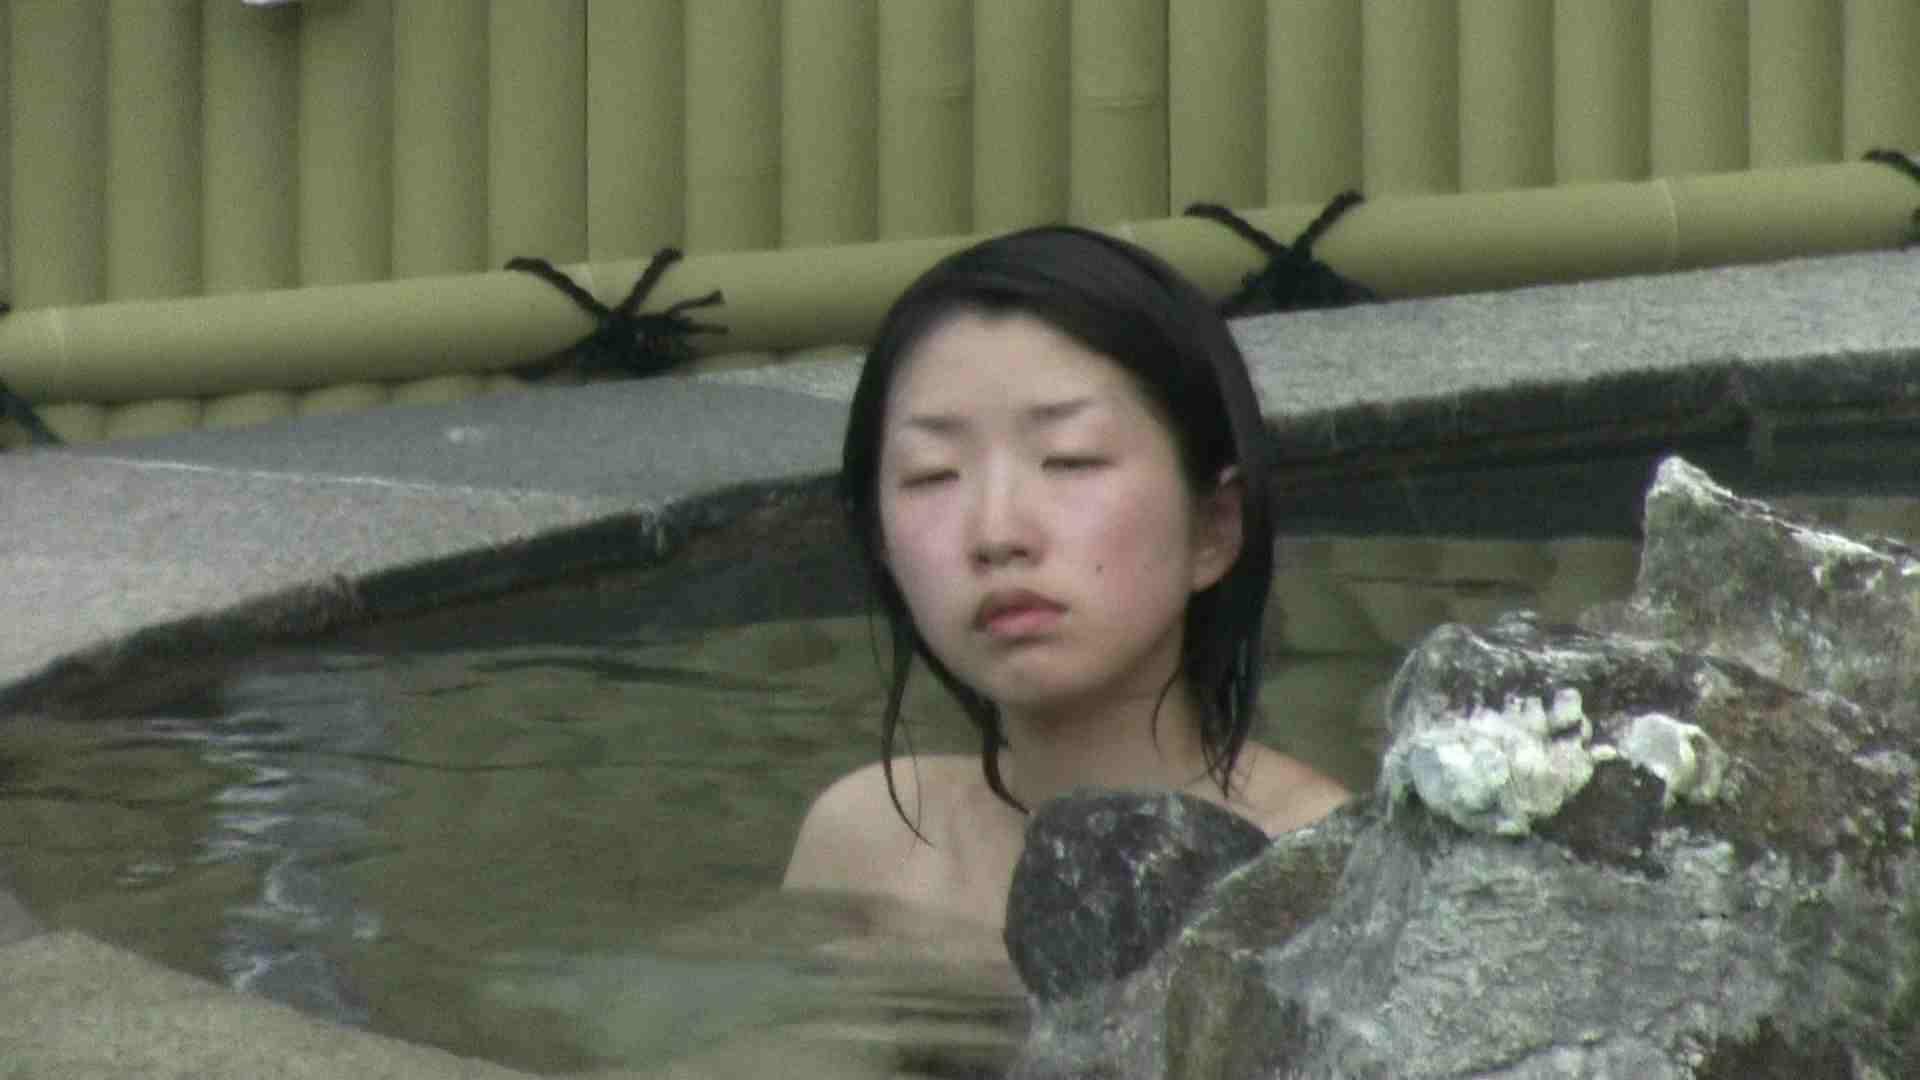 Aquaな露天風呂Vol.133 盗撮 | 露天  109枚 13